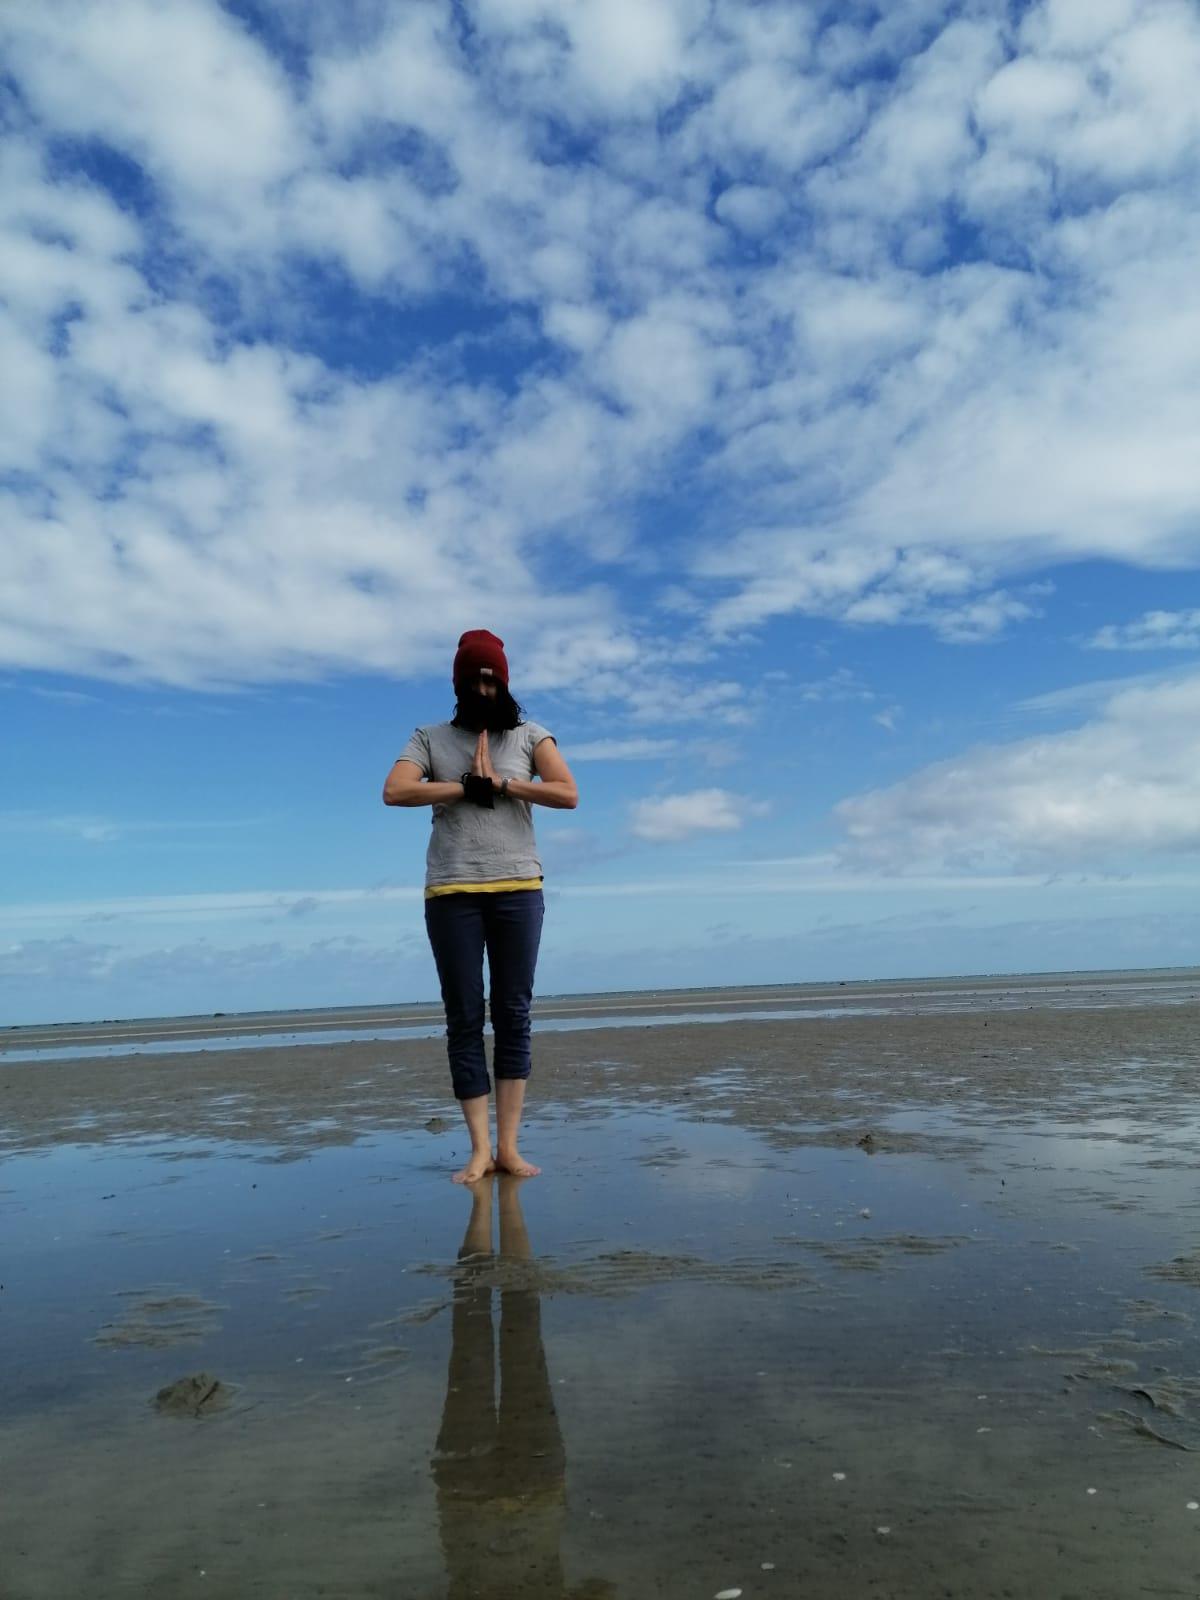 Foto Frau, barfuß am Strand in meditativer Haltung die Hände vor der Brust zusammengelegt, hinter ihr der blaue Himmel